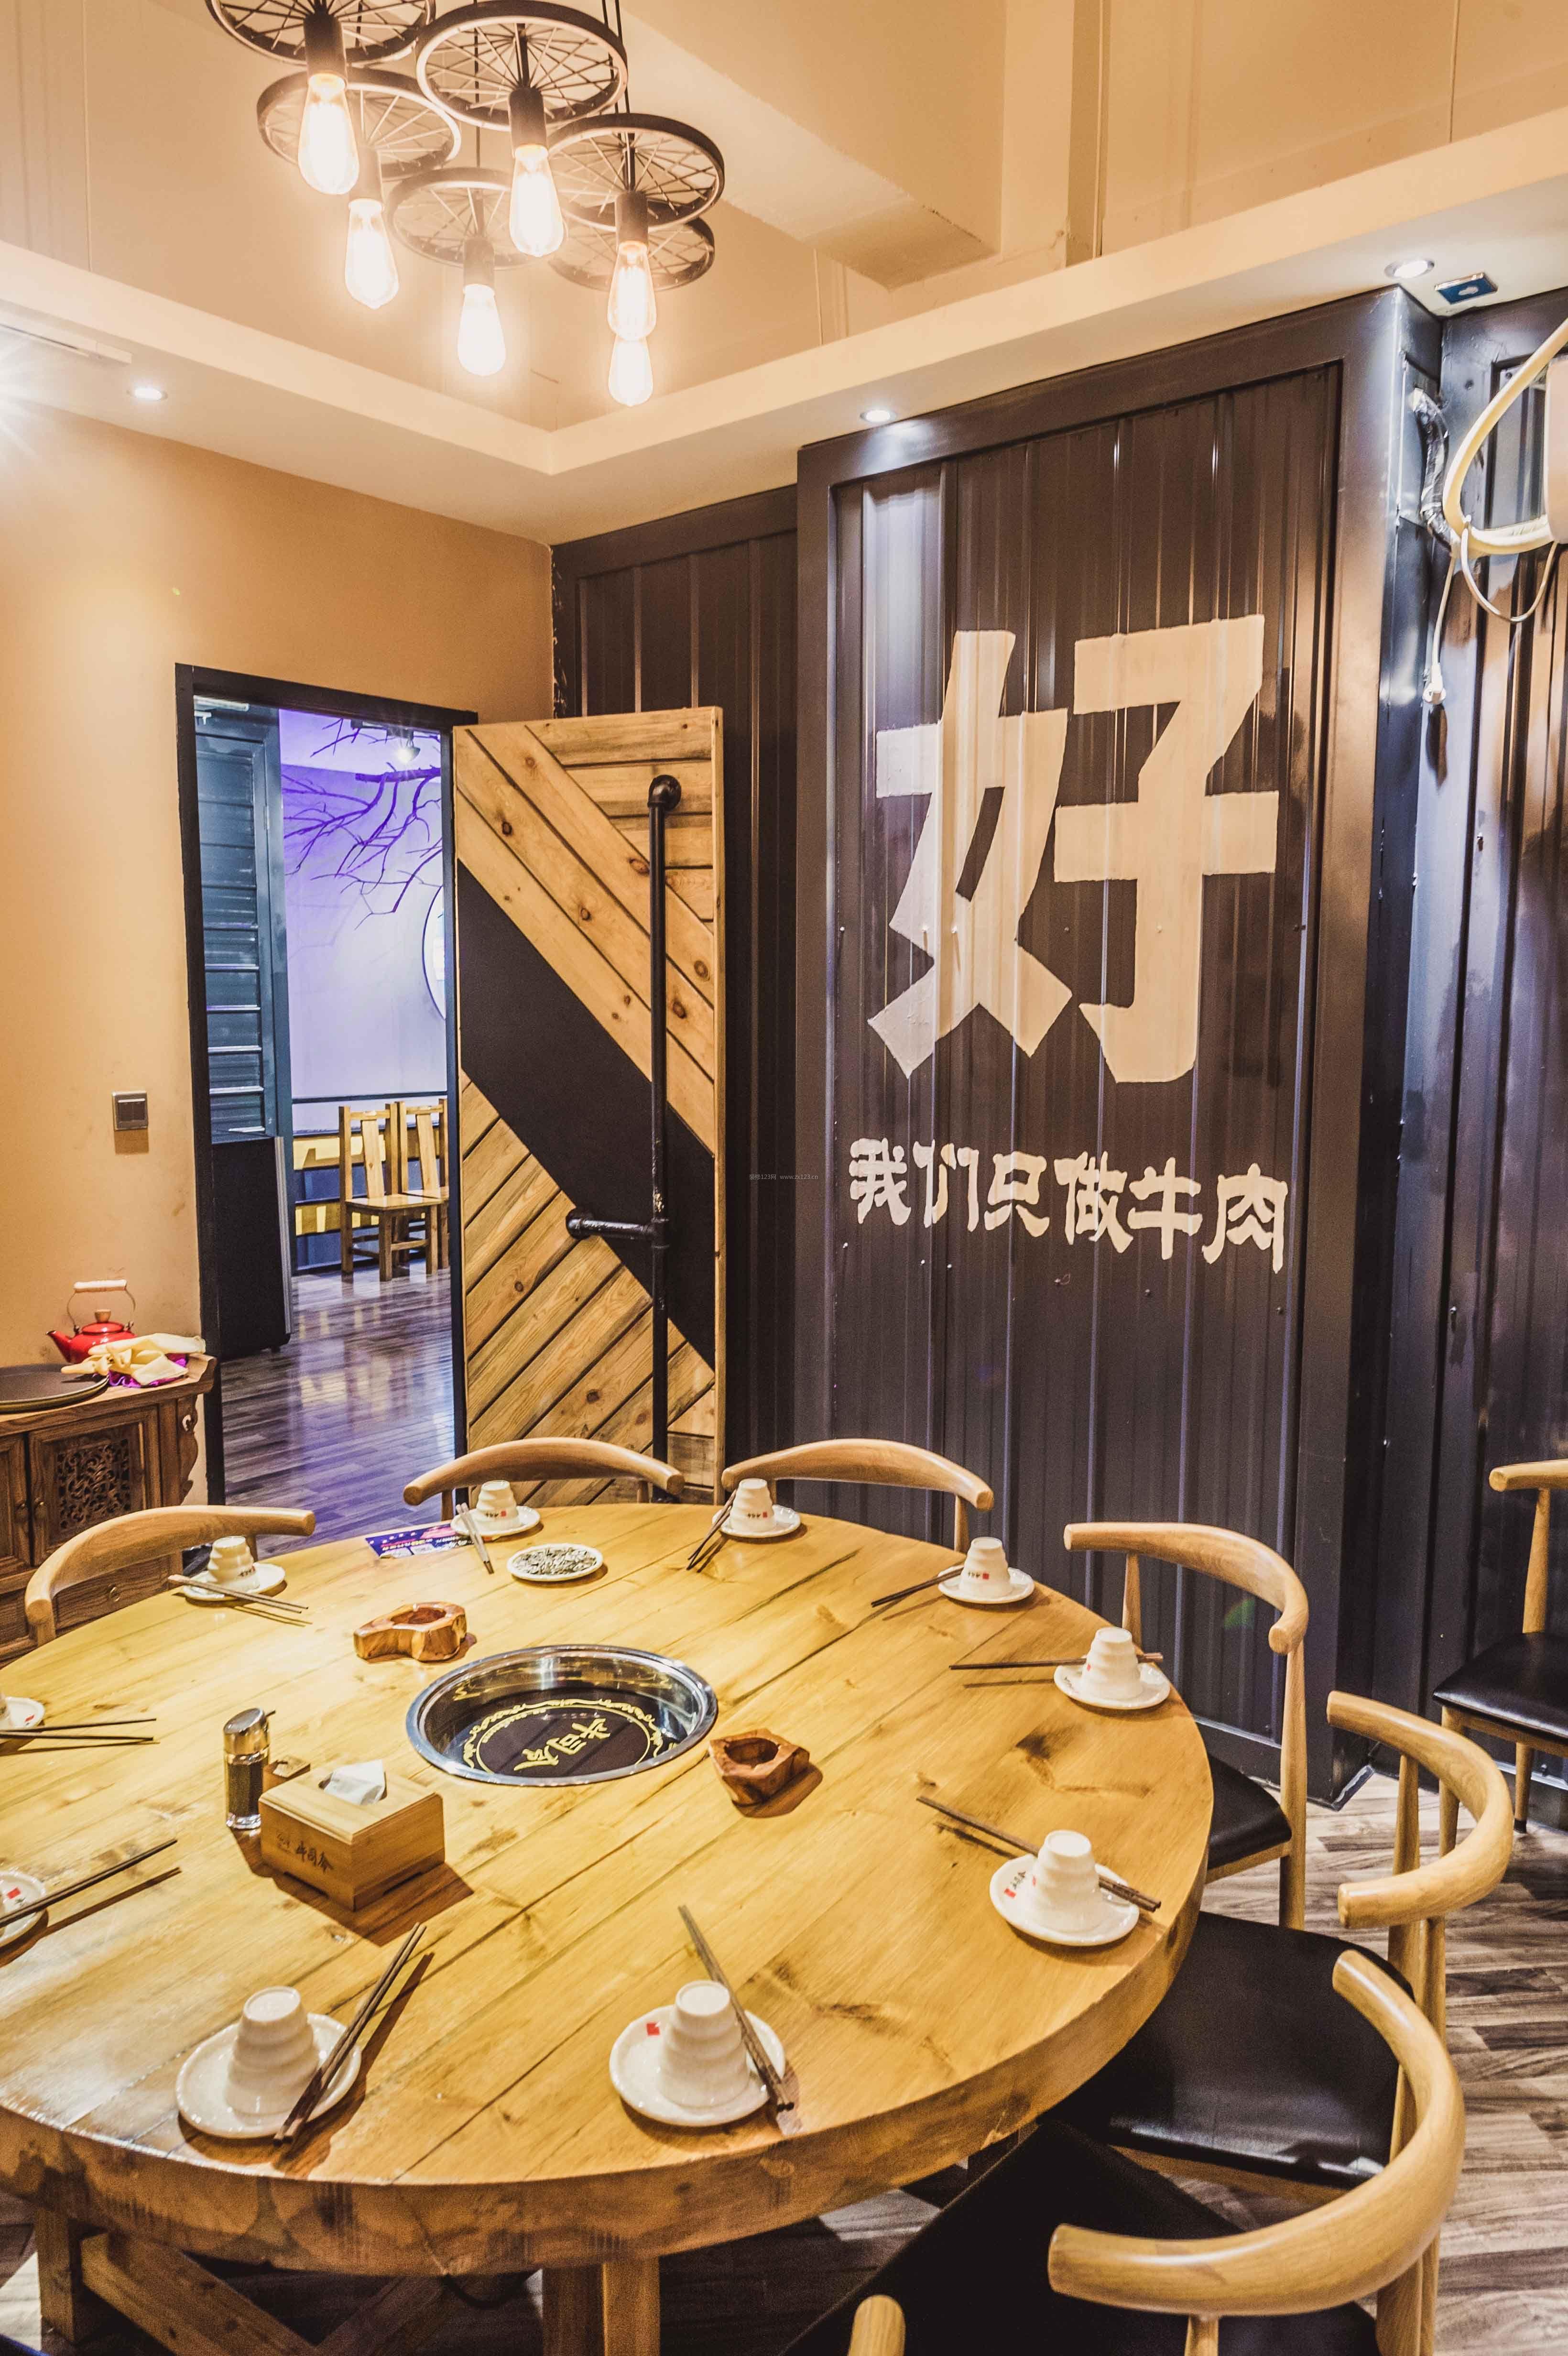 火锅店室内吊顶装修设计效果图片图片